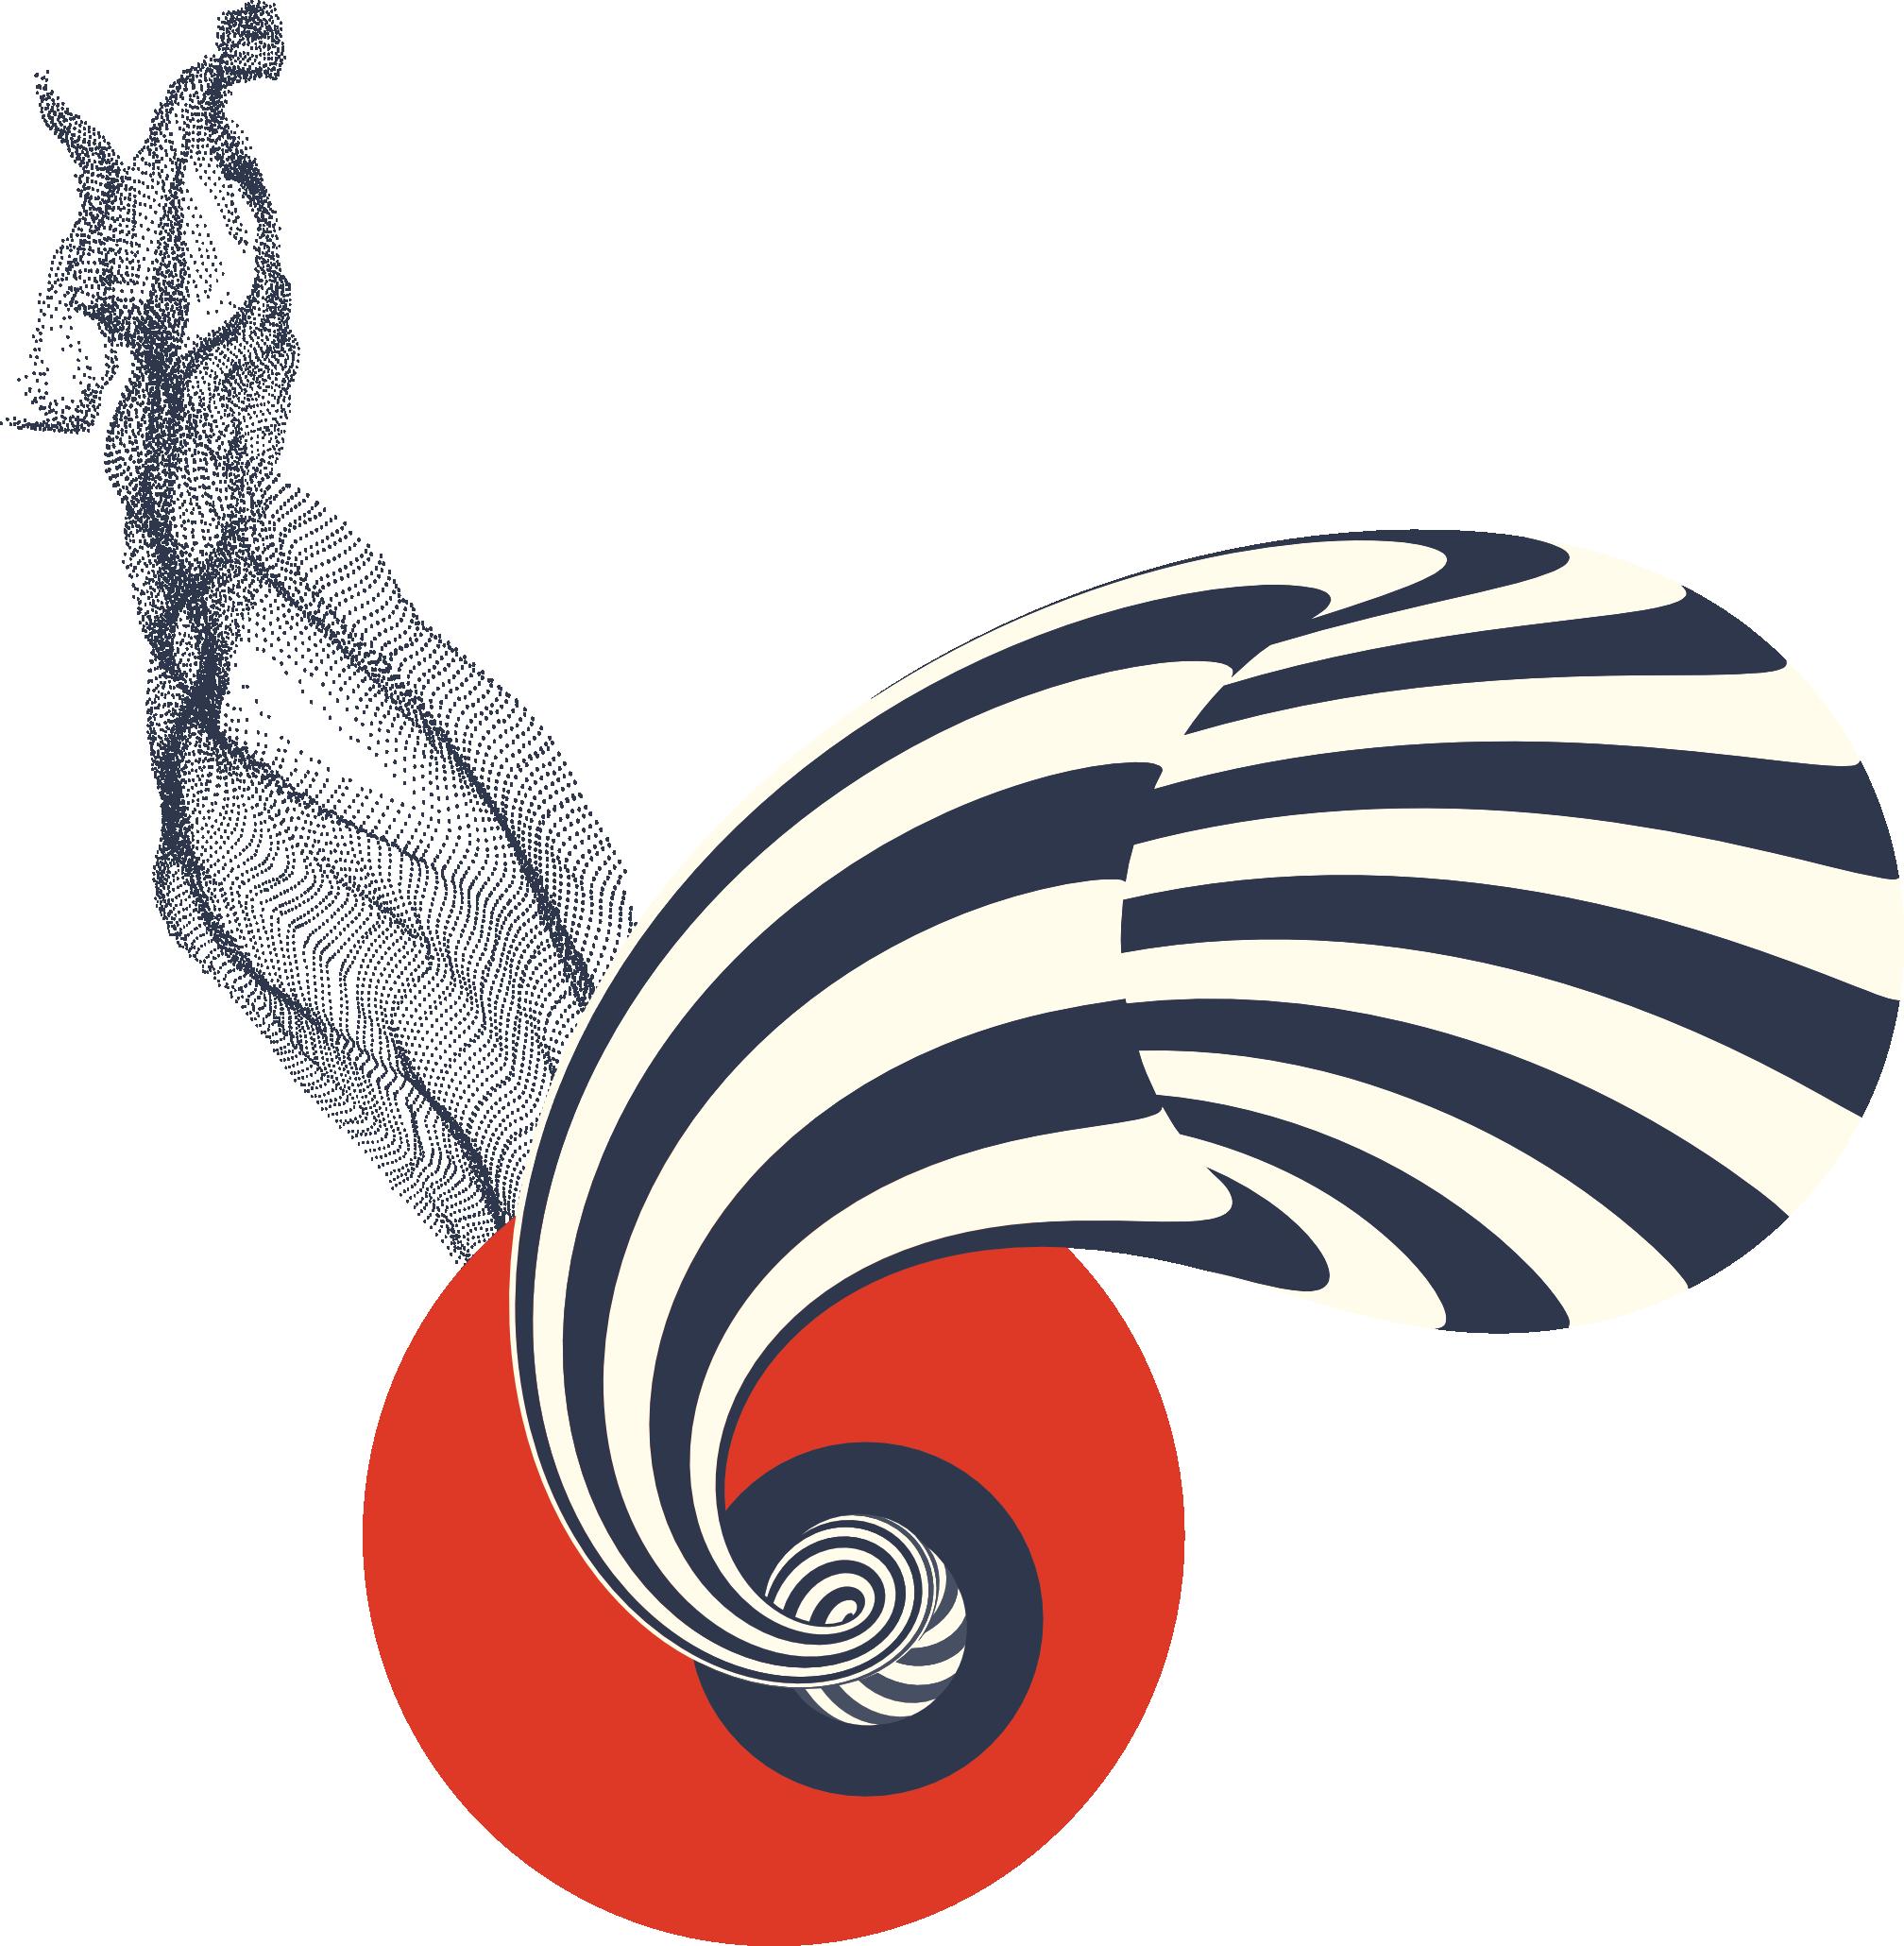 Superklänge - Wellen Rot